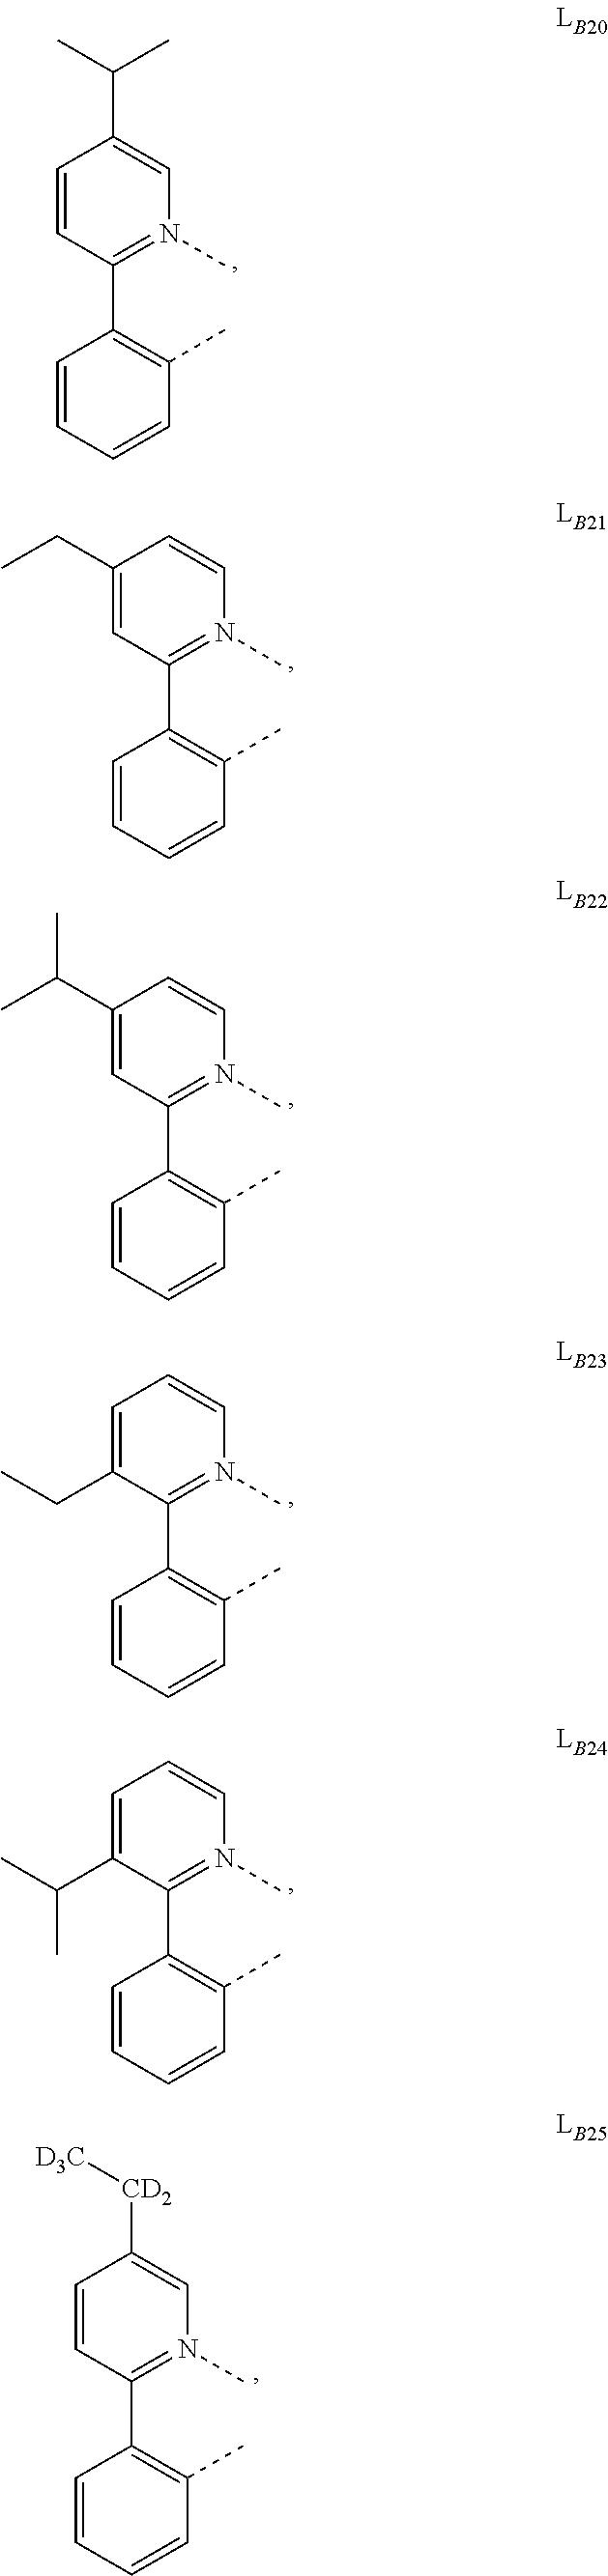 Figure US09691993-20170627-C00298